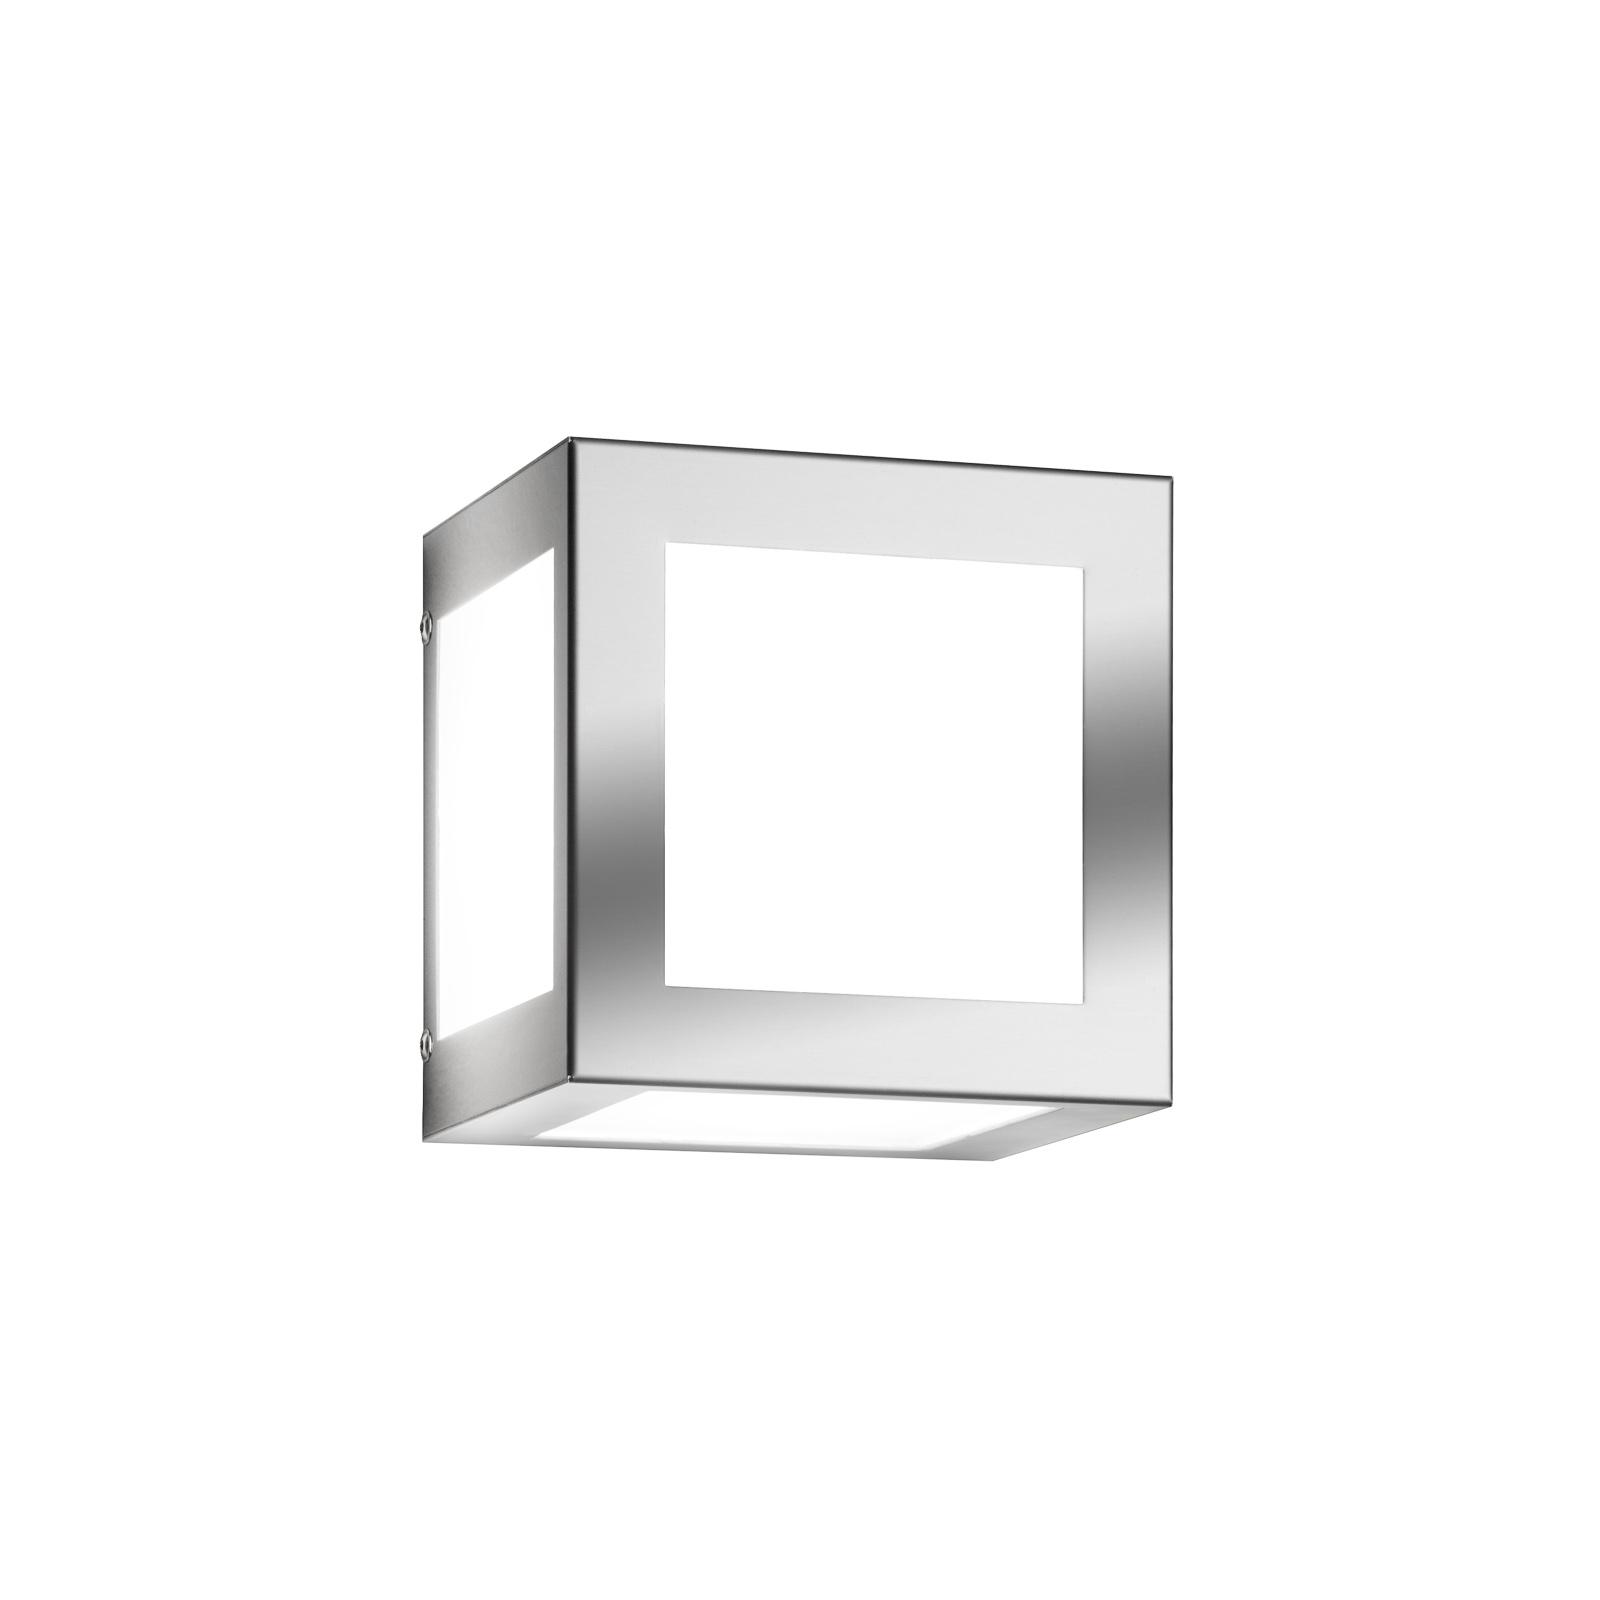 Kubické vonkajšie nástenné svietidlo Cubo matná_2011015_1